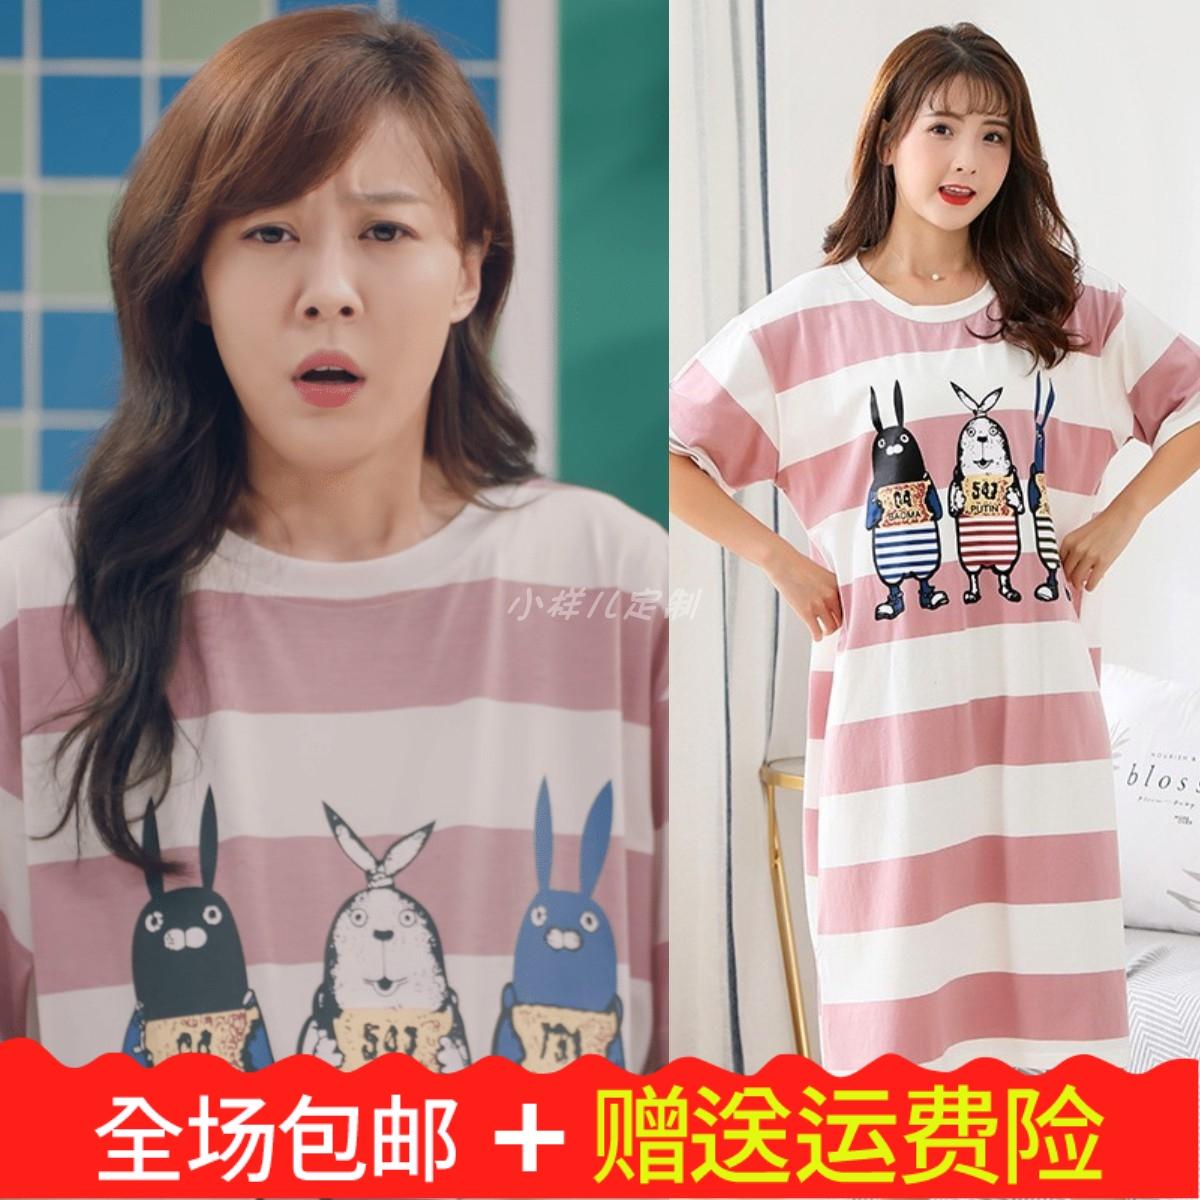 《爱情公寓5》陈美嘉李金铭同款越狱兔子睡裙短袖卡通条纹可爱睡衣女